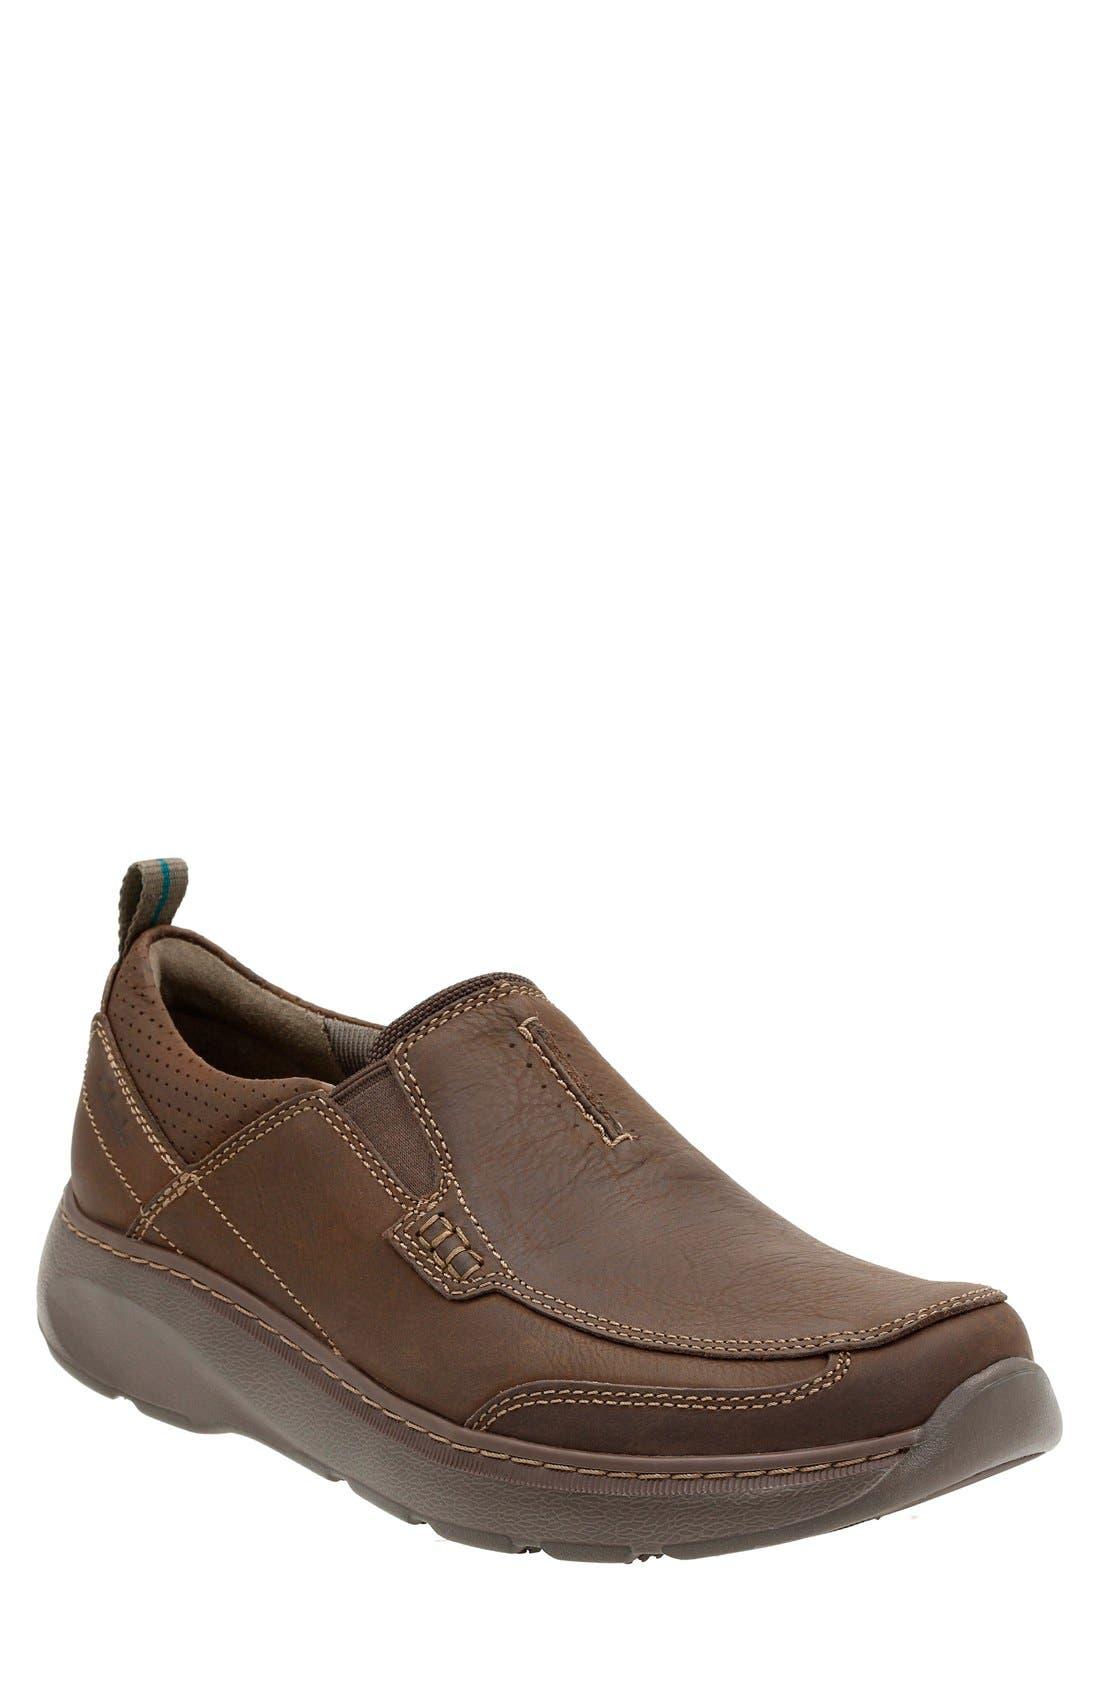 CLARKS Men/'s Charton Step Slip-On Loafer